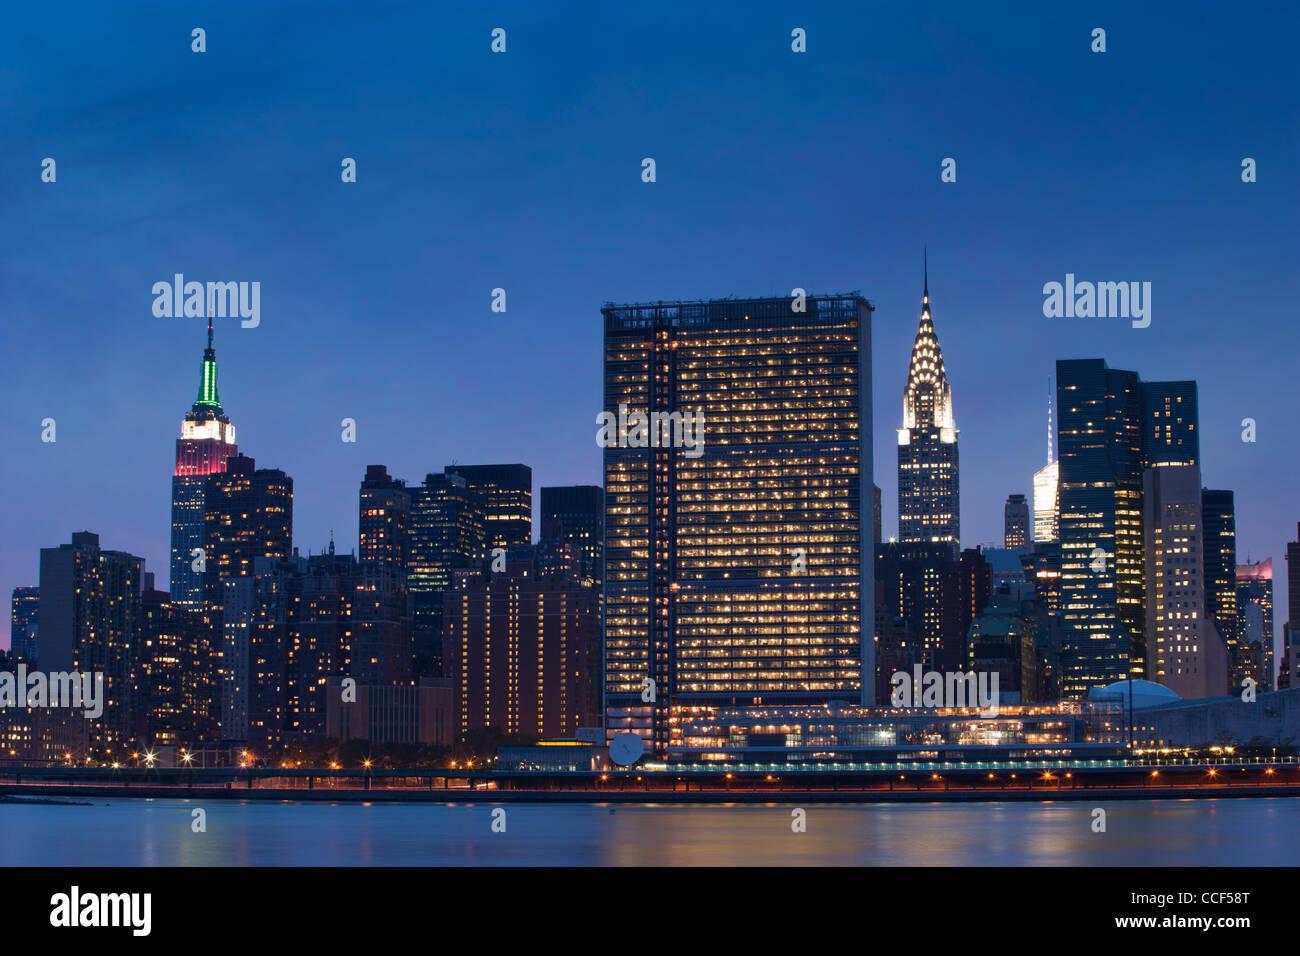 Midtown Manhattan Skyline zeigt das Empire State, Vereinte Nationen und das Chrysler Gebäude Stockfoto